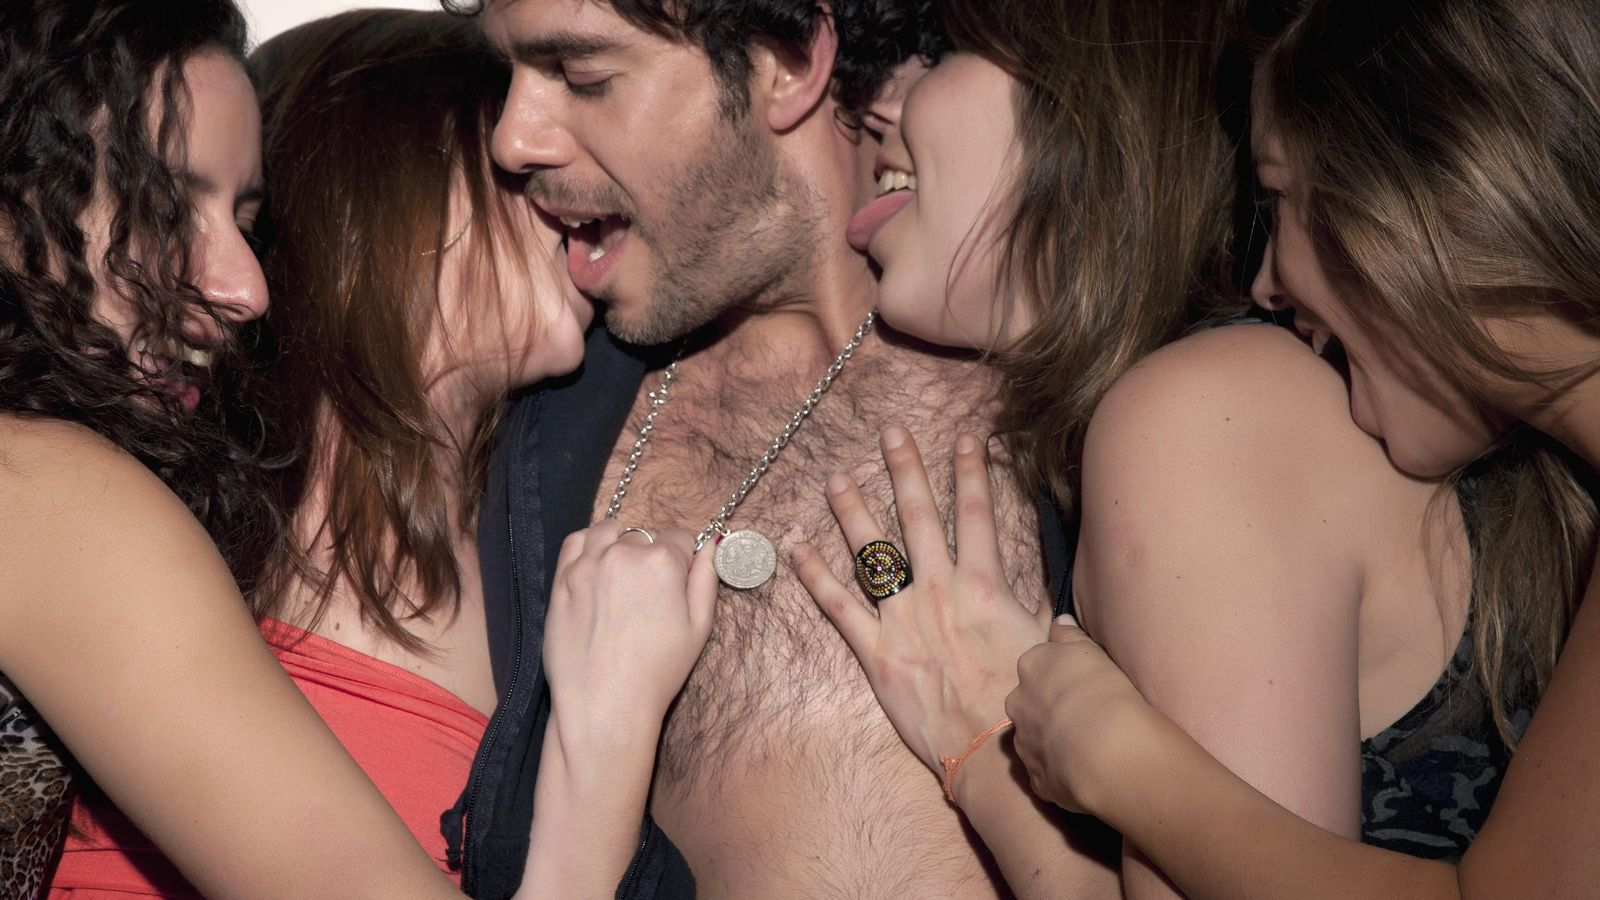 sexo entre putas hacer el amor